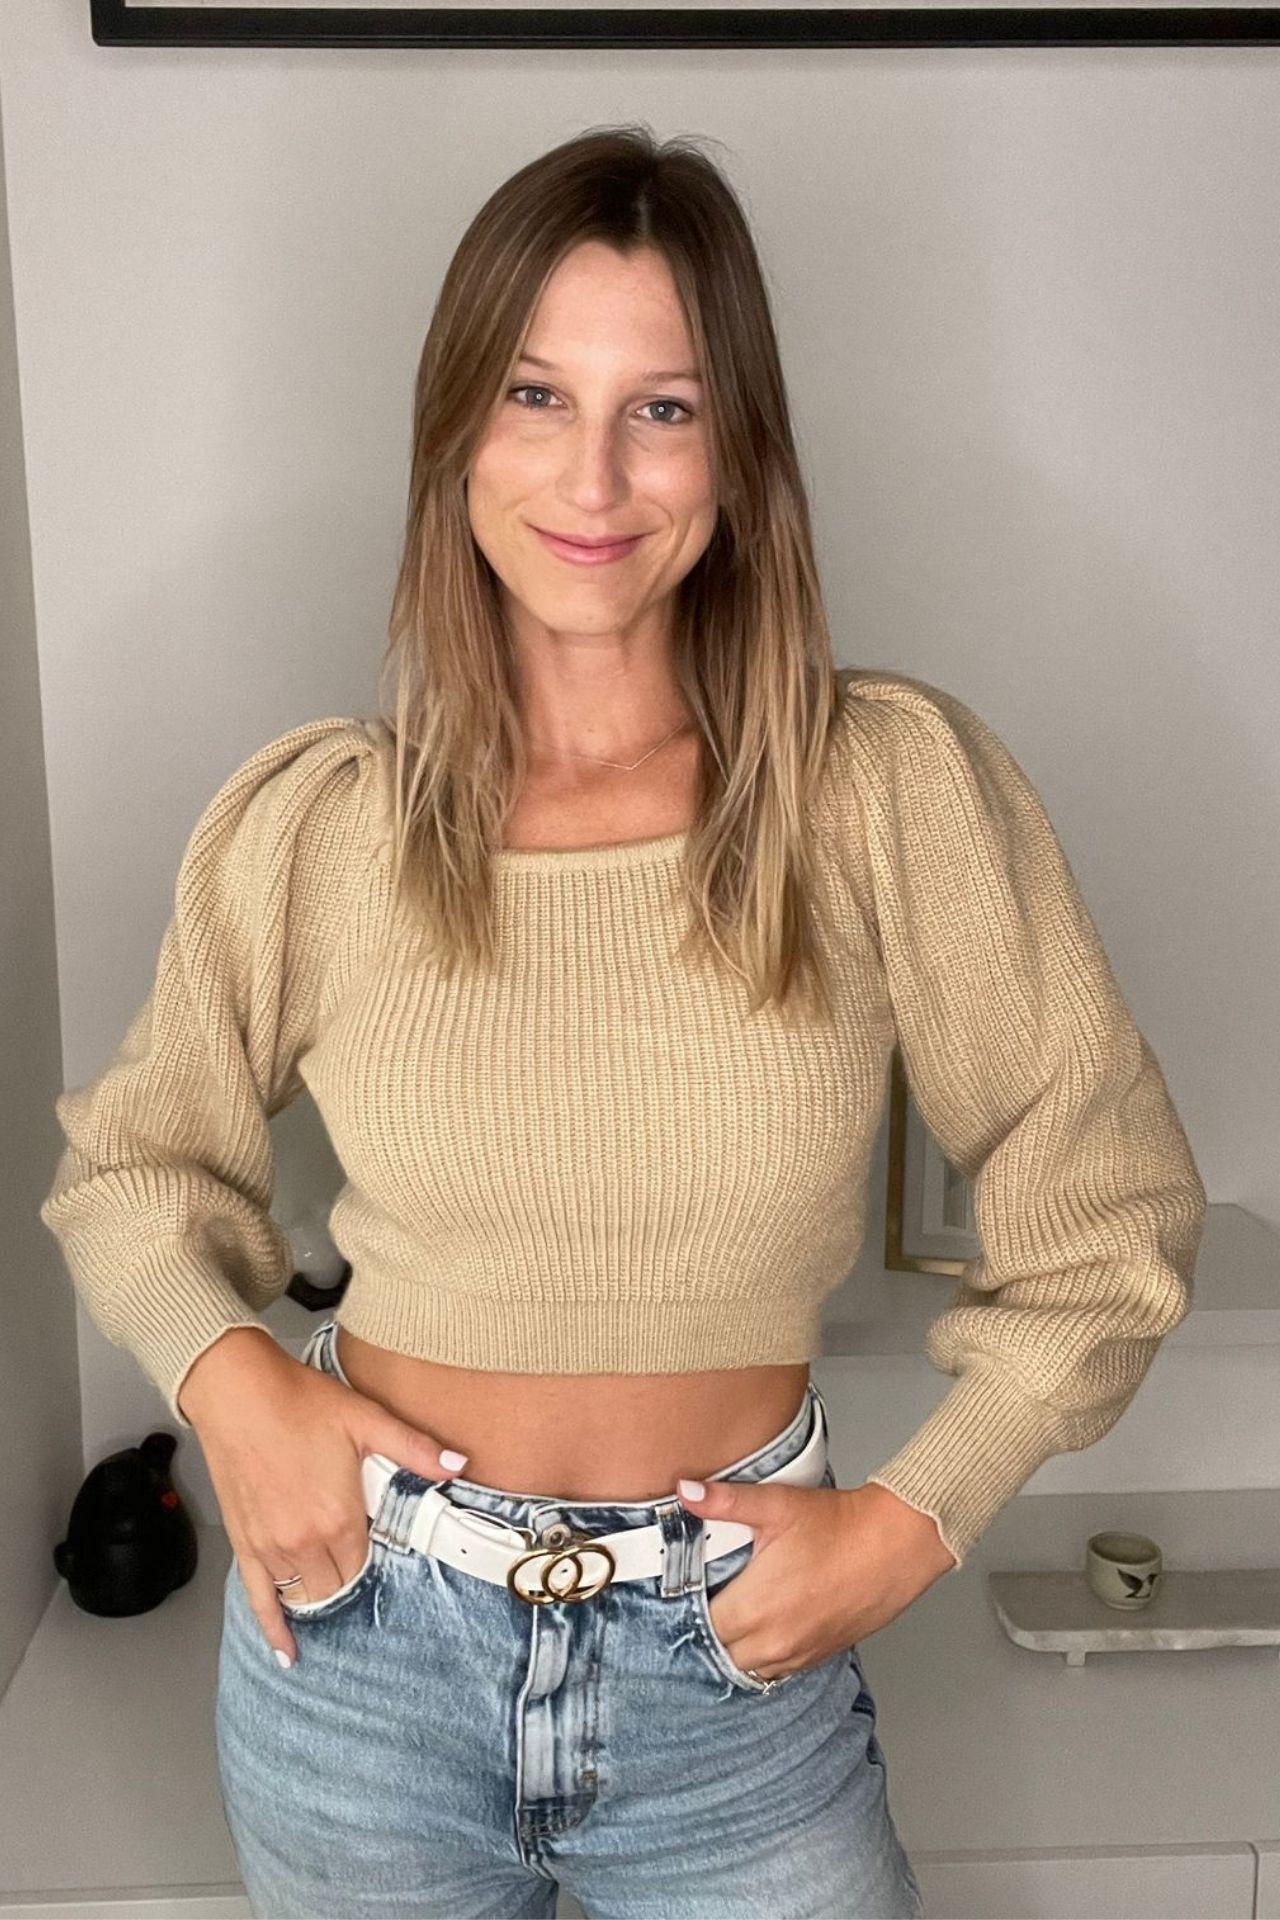 Sweater con Mangas Abullonadas, escote cuadrado y Suave al tacto.  Material Hilo Algodón.  Busto:90cm